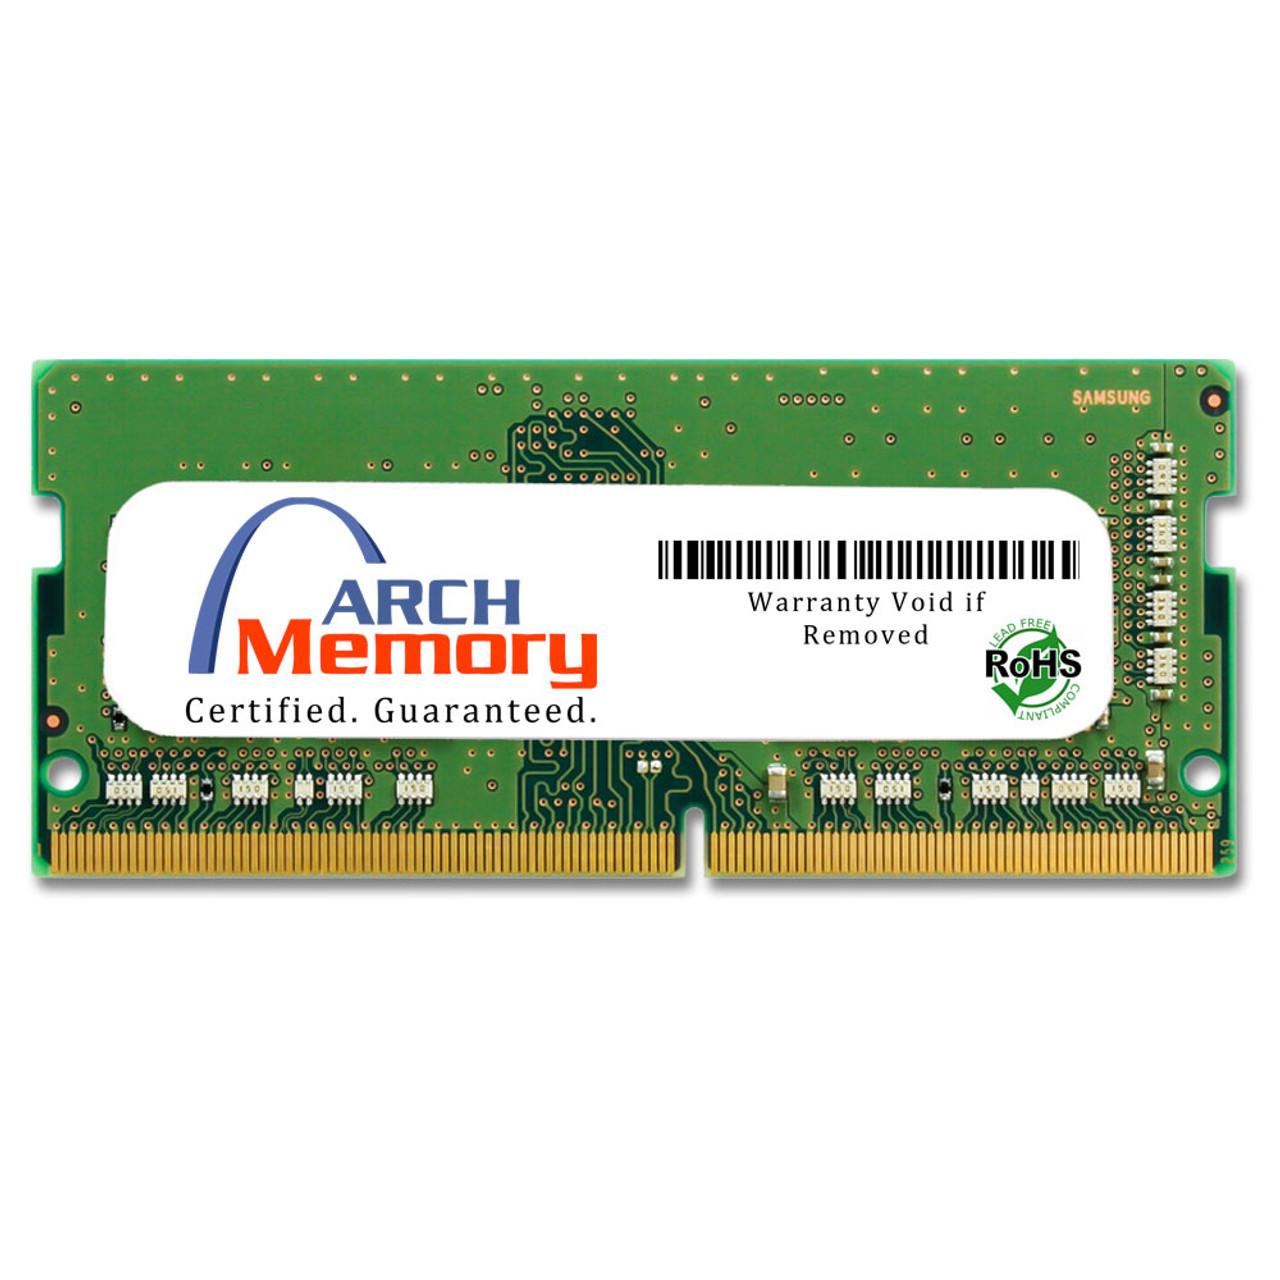 8GB 260-Pin DDR4-2666 PC4-21300 Sodimm RAM